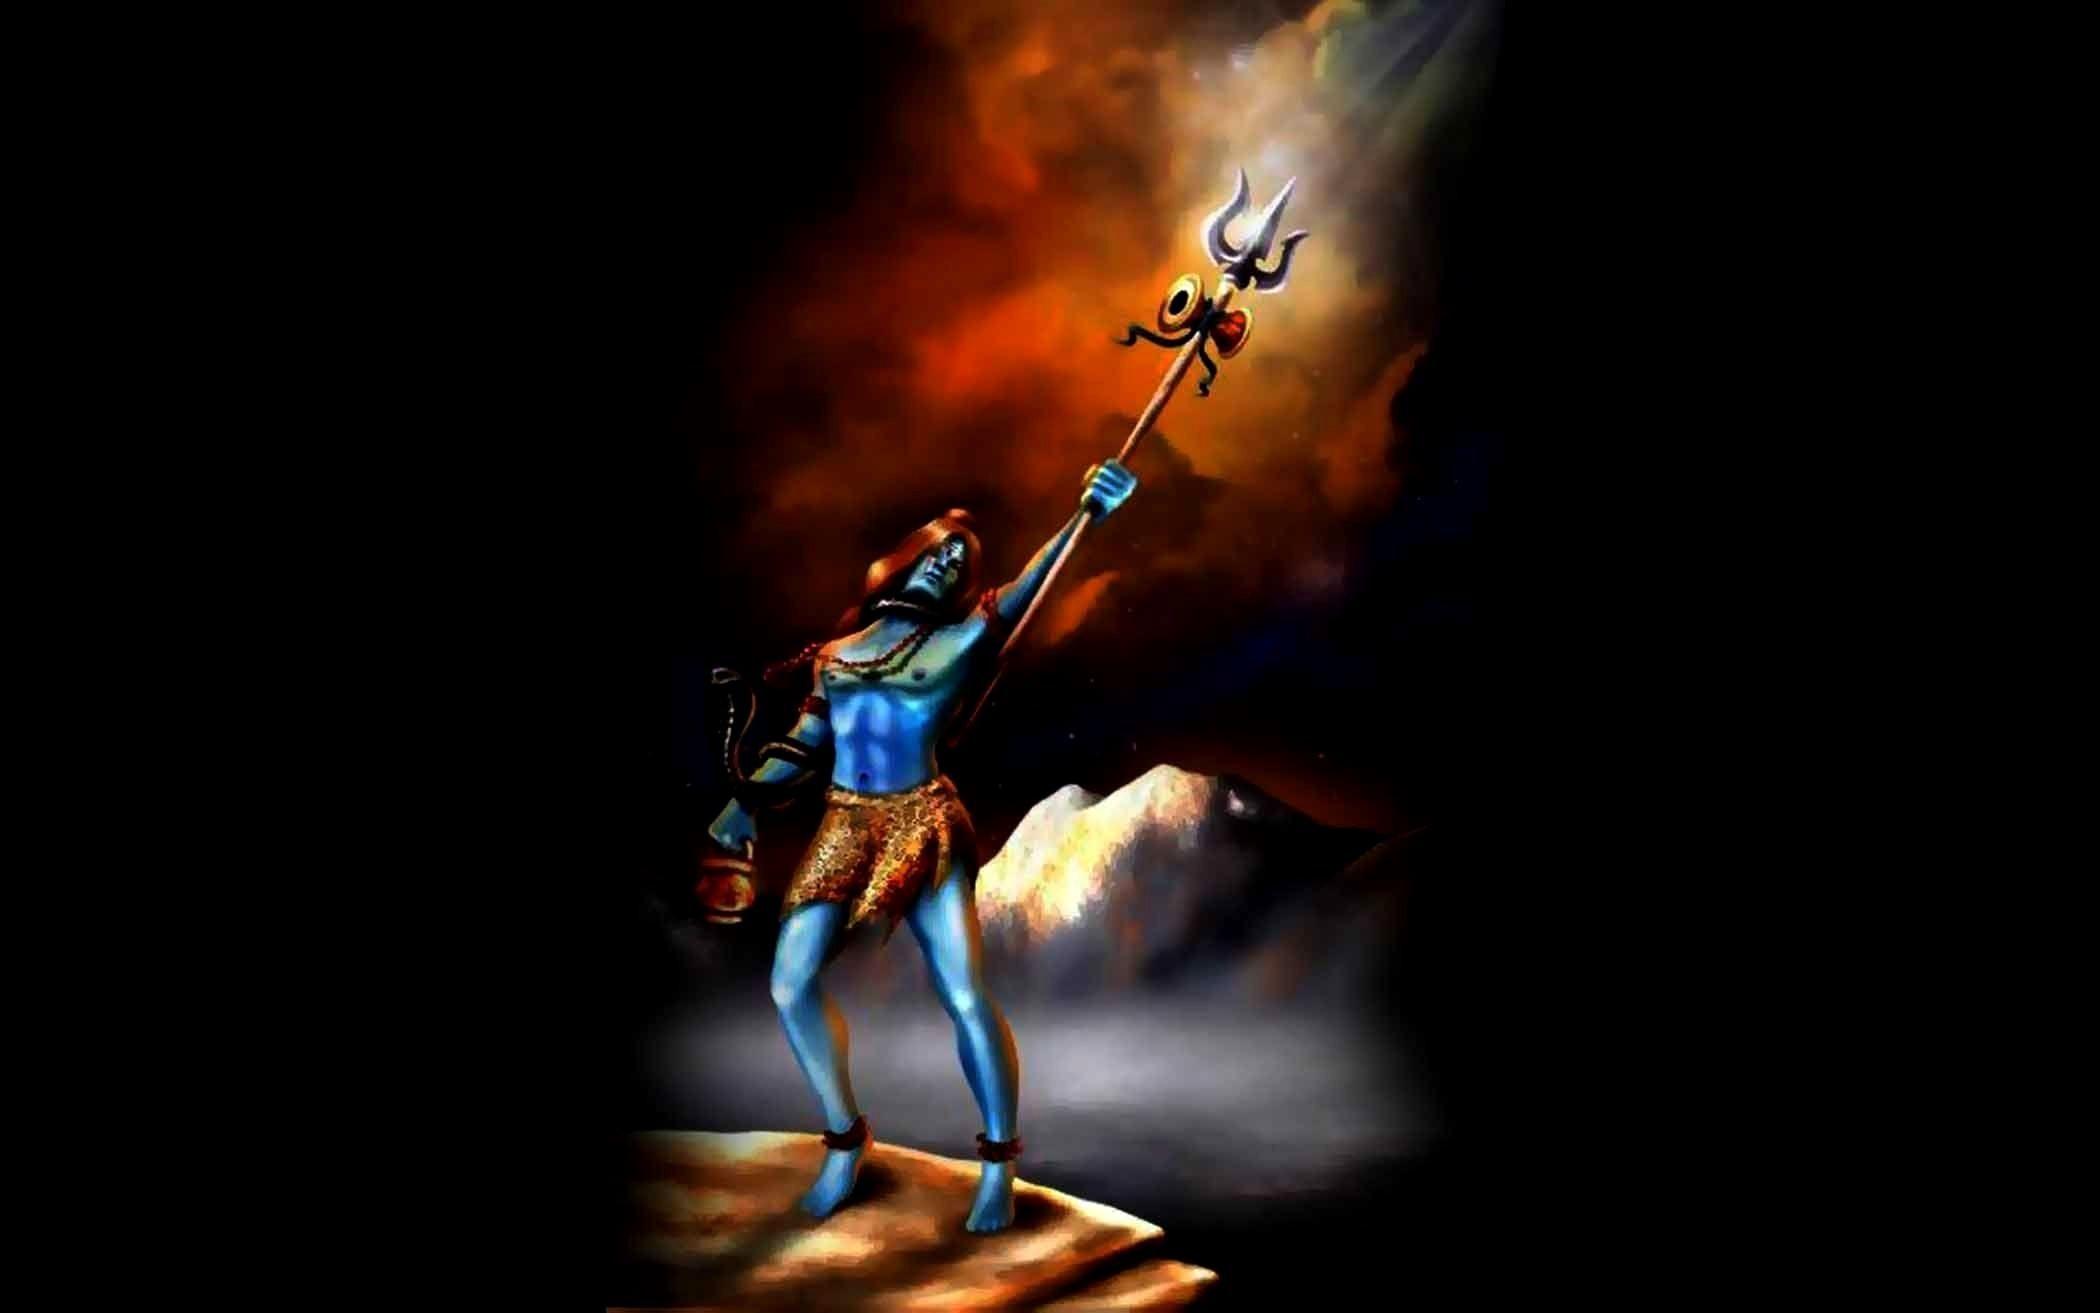 4k Wallpaper For Mobile 1920x1080 Mahadev Gallery 4k Lord Shiva Hd Wallpaper 4k Wallpaper For Mobile Hd Wallpapers For Mobile